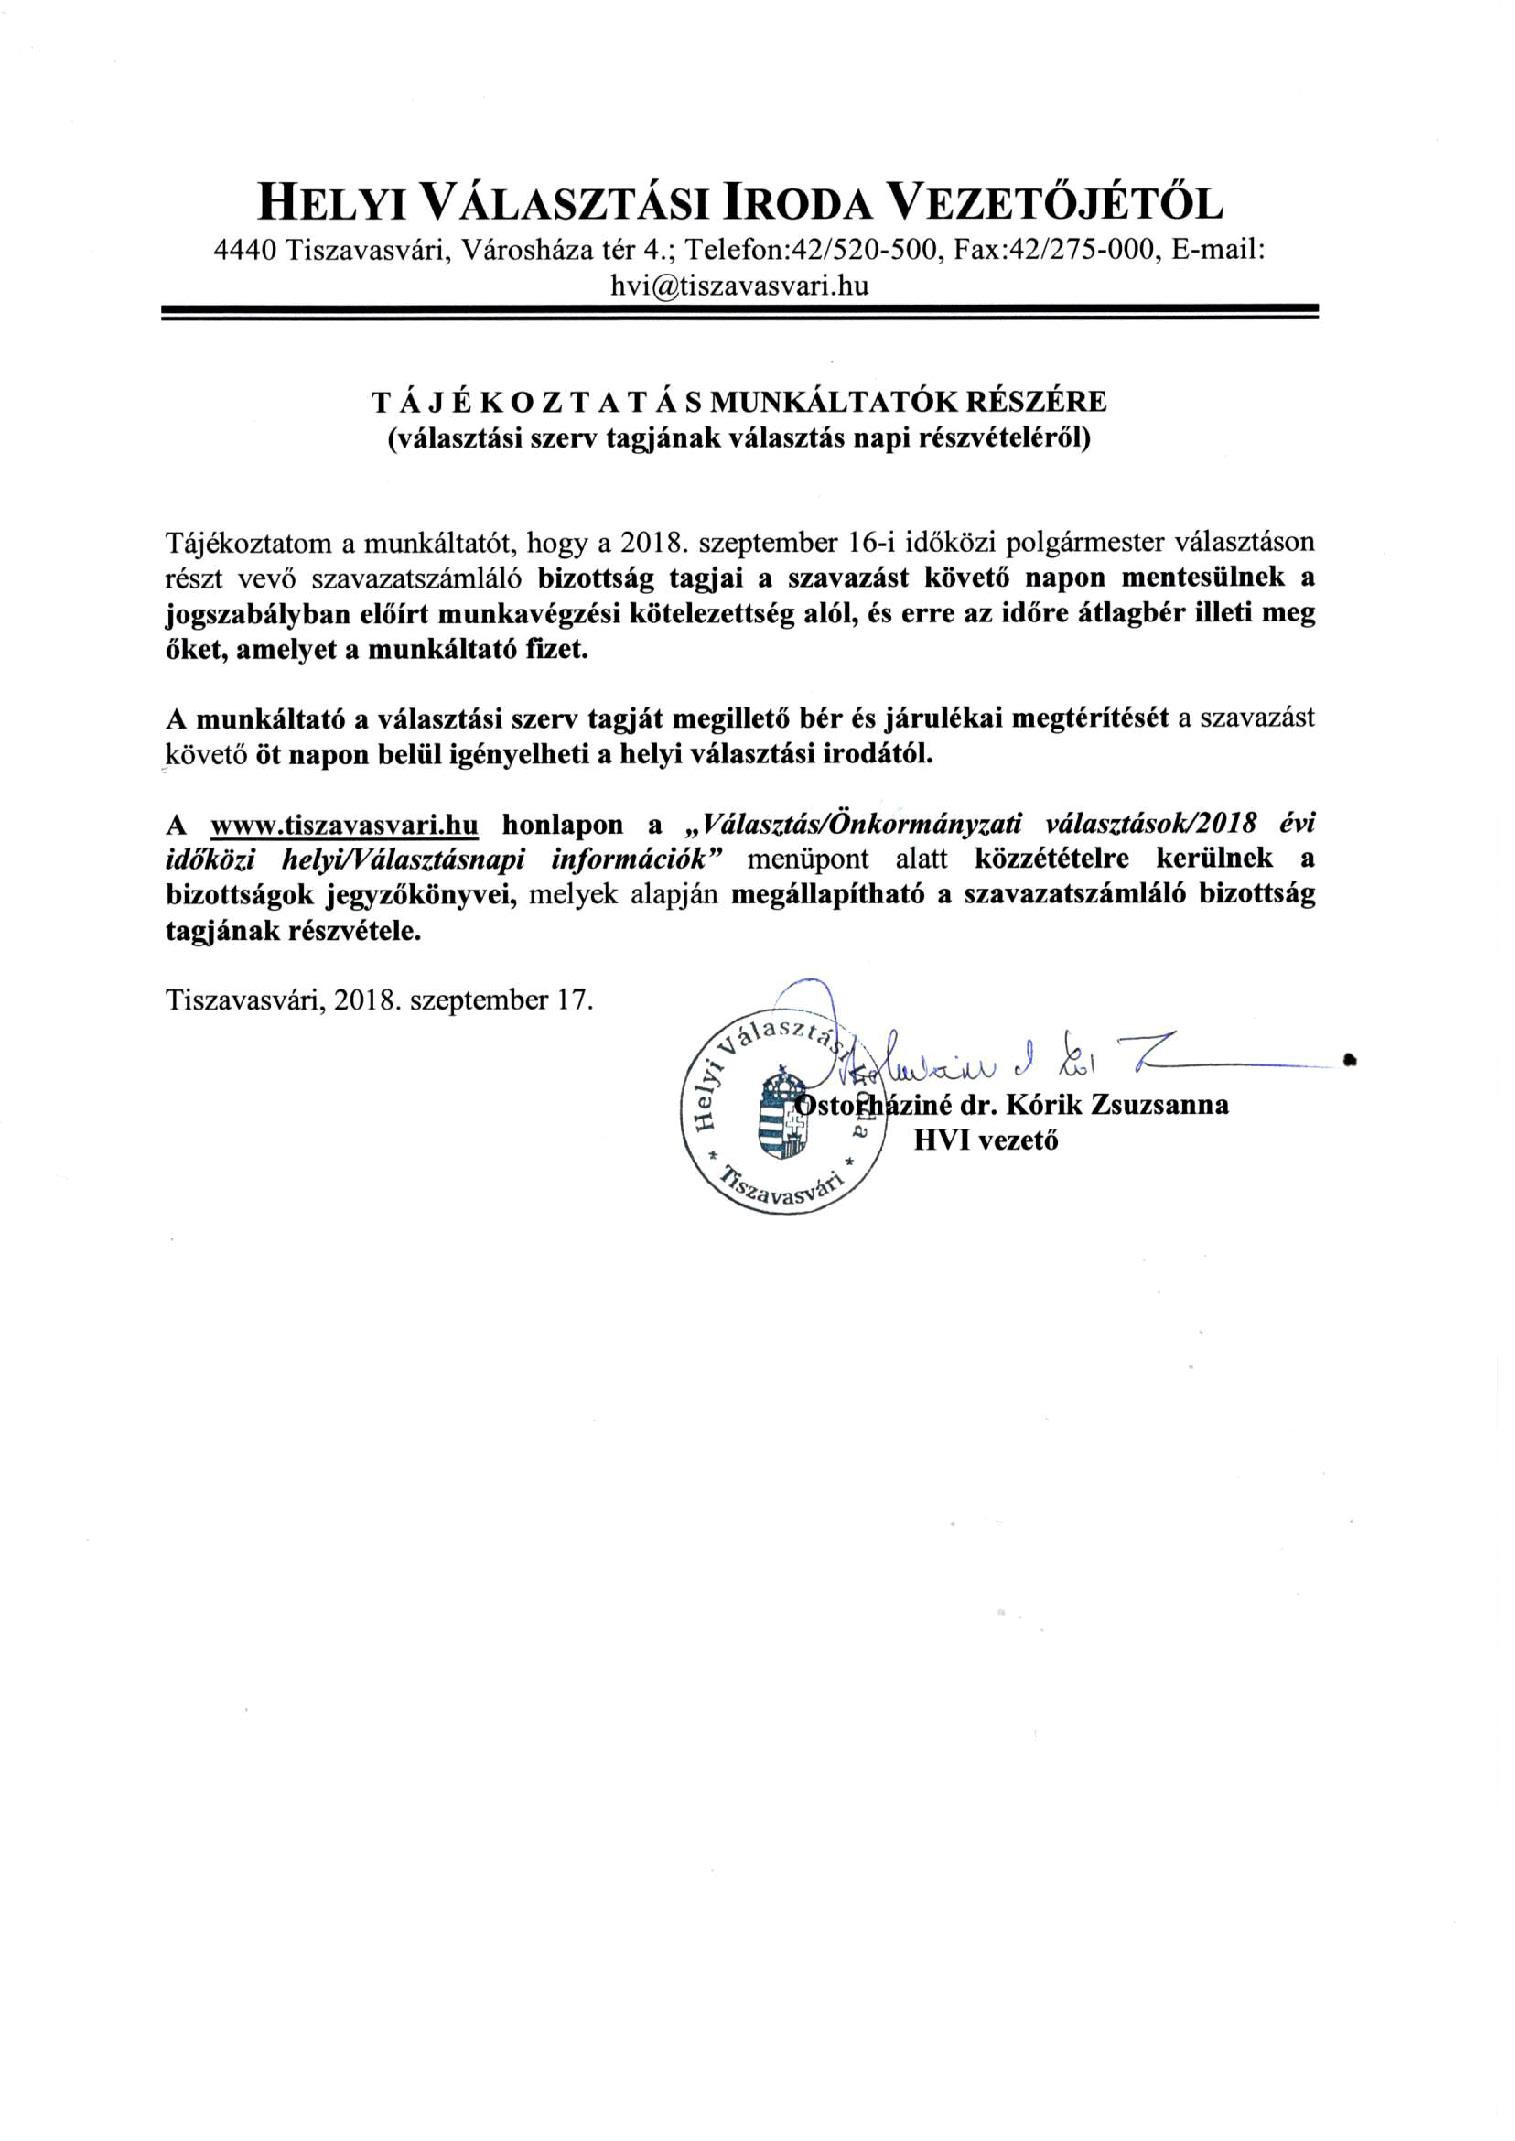 65cfc82a37 Helyi Választási Iroda Vezetőjétől: tájékoztatás munkáltatók részére